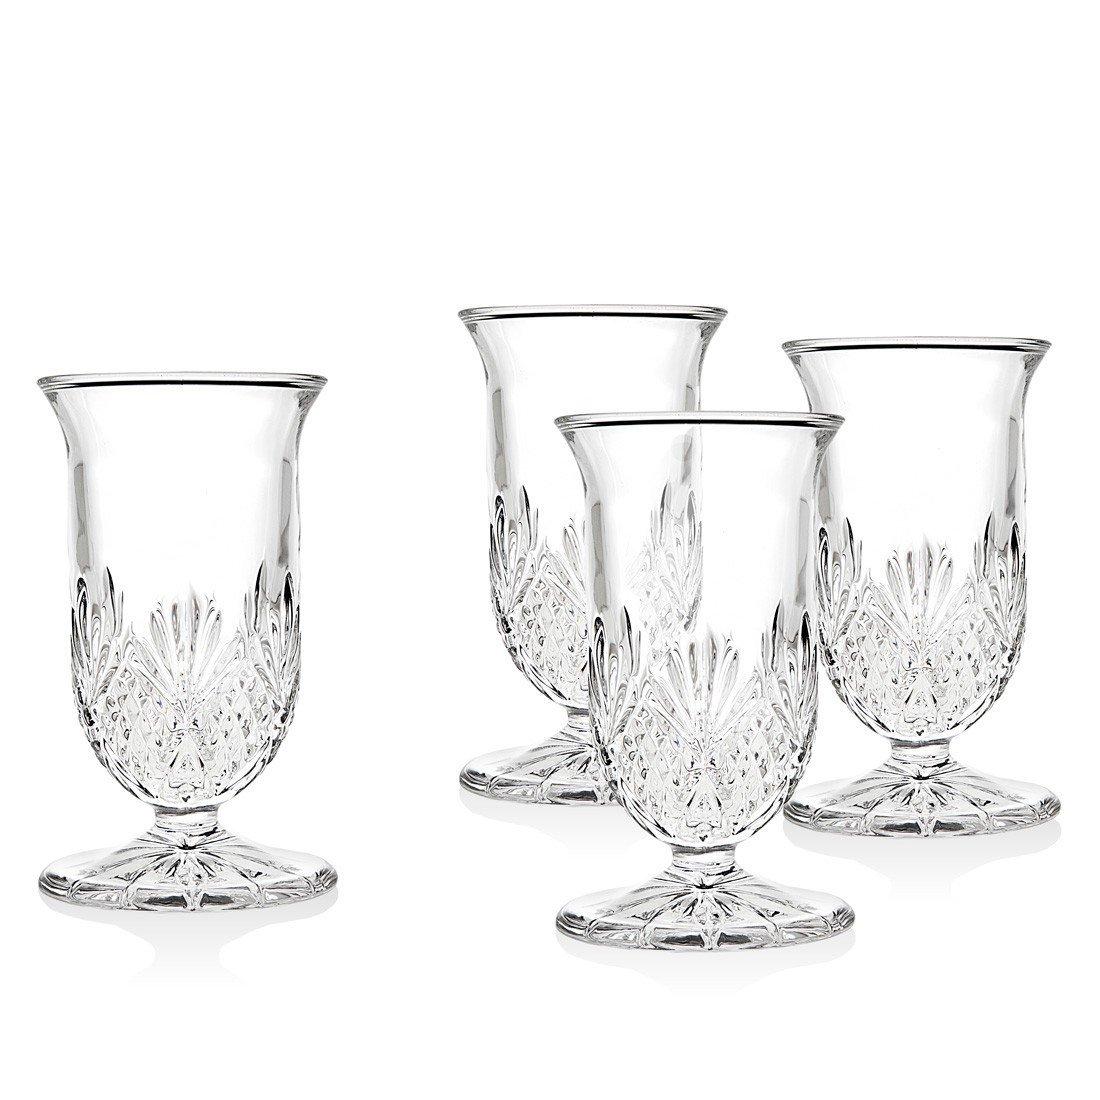 dublin 4 oz whiskey glasses set of 4 by Godinger (Image #1)